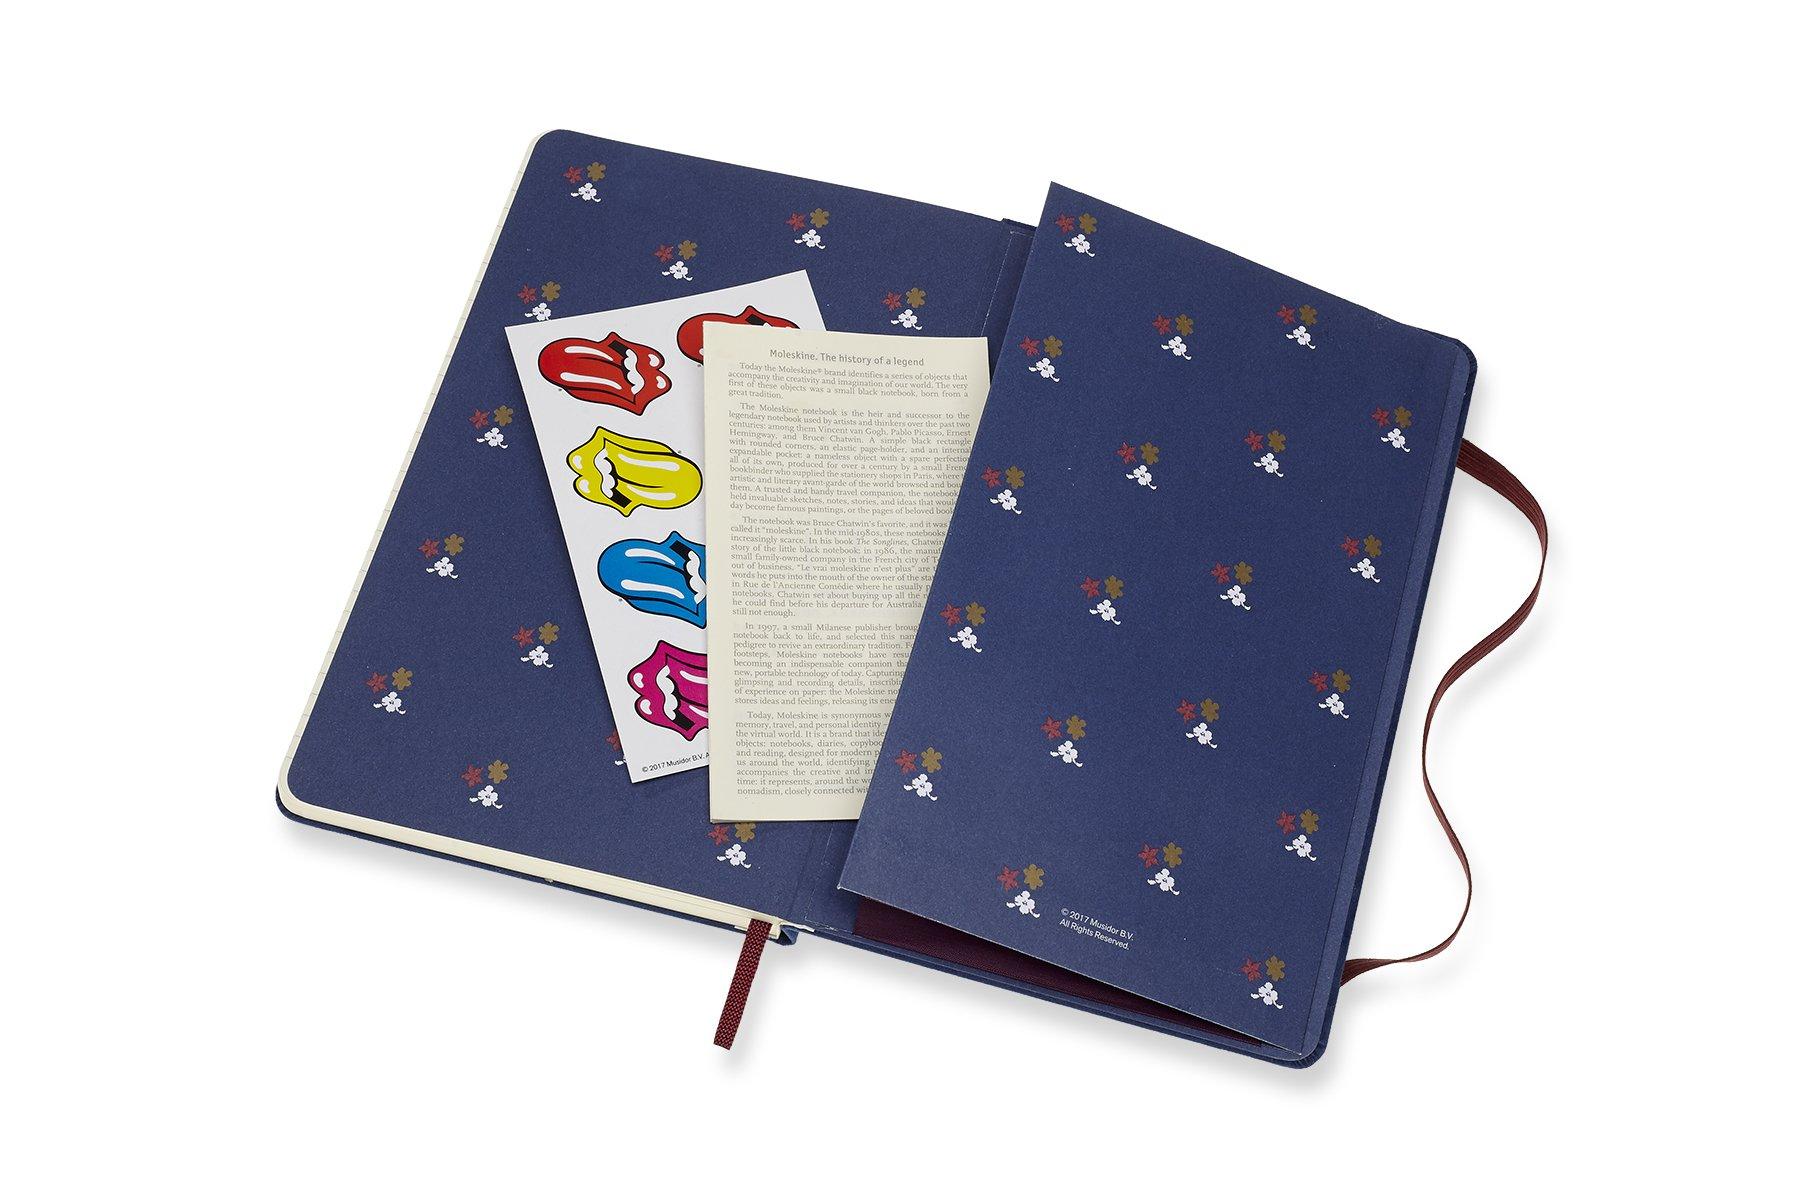 Caderno Edição Limitada, Rolling Stones, Veludo Azul, Capa Dura, Pautado, Grande